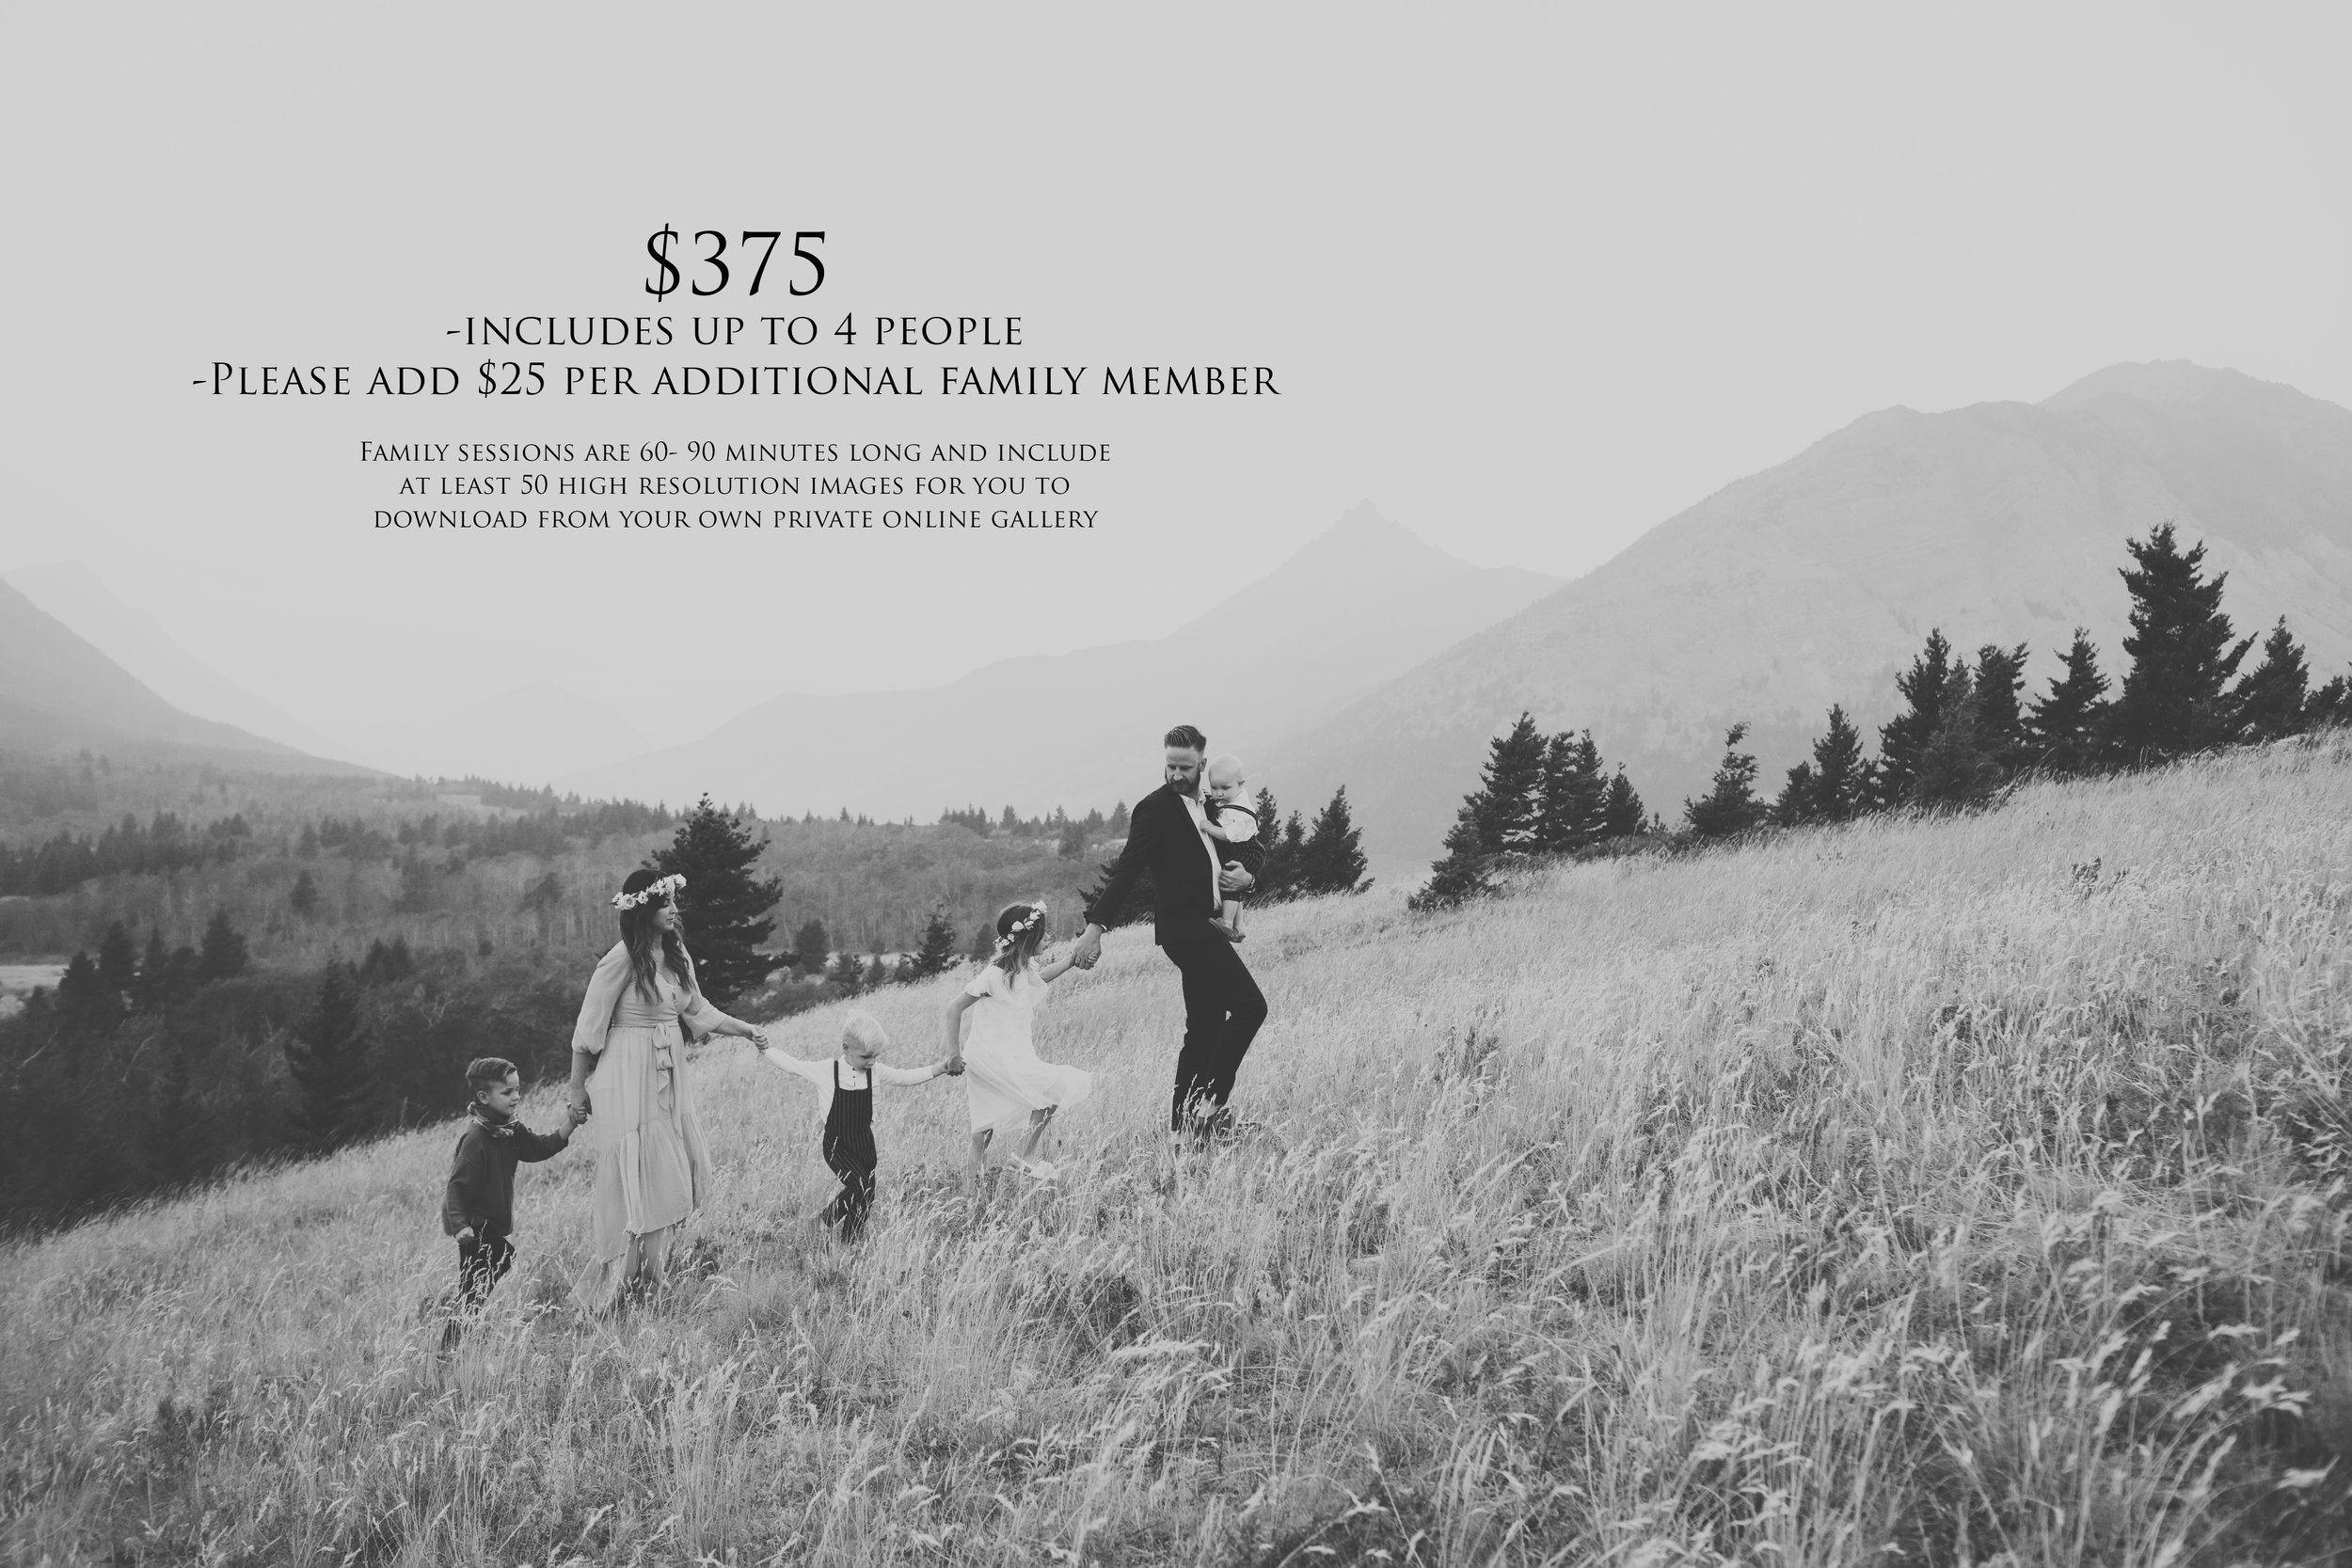 familyinvestment.jpg